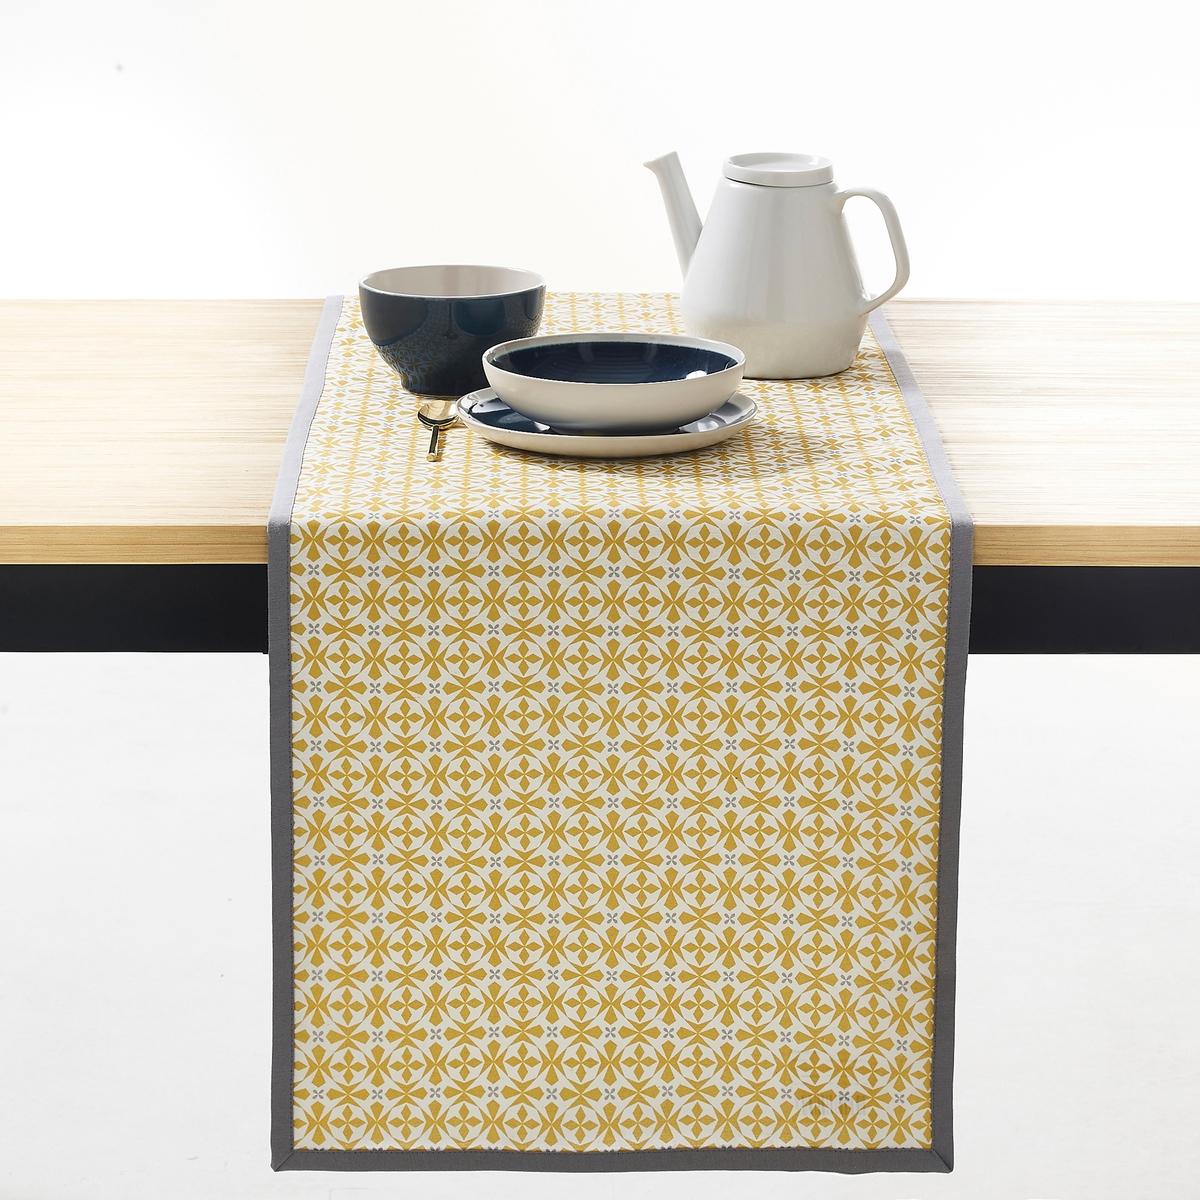 Дорожка столовая с рисунком, Azilia, желтый цвет